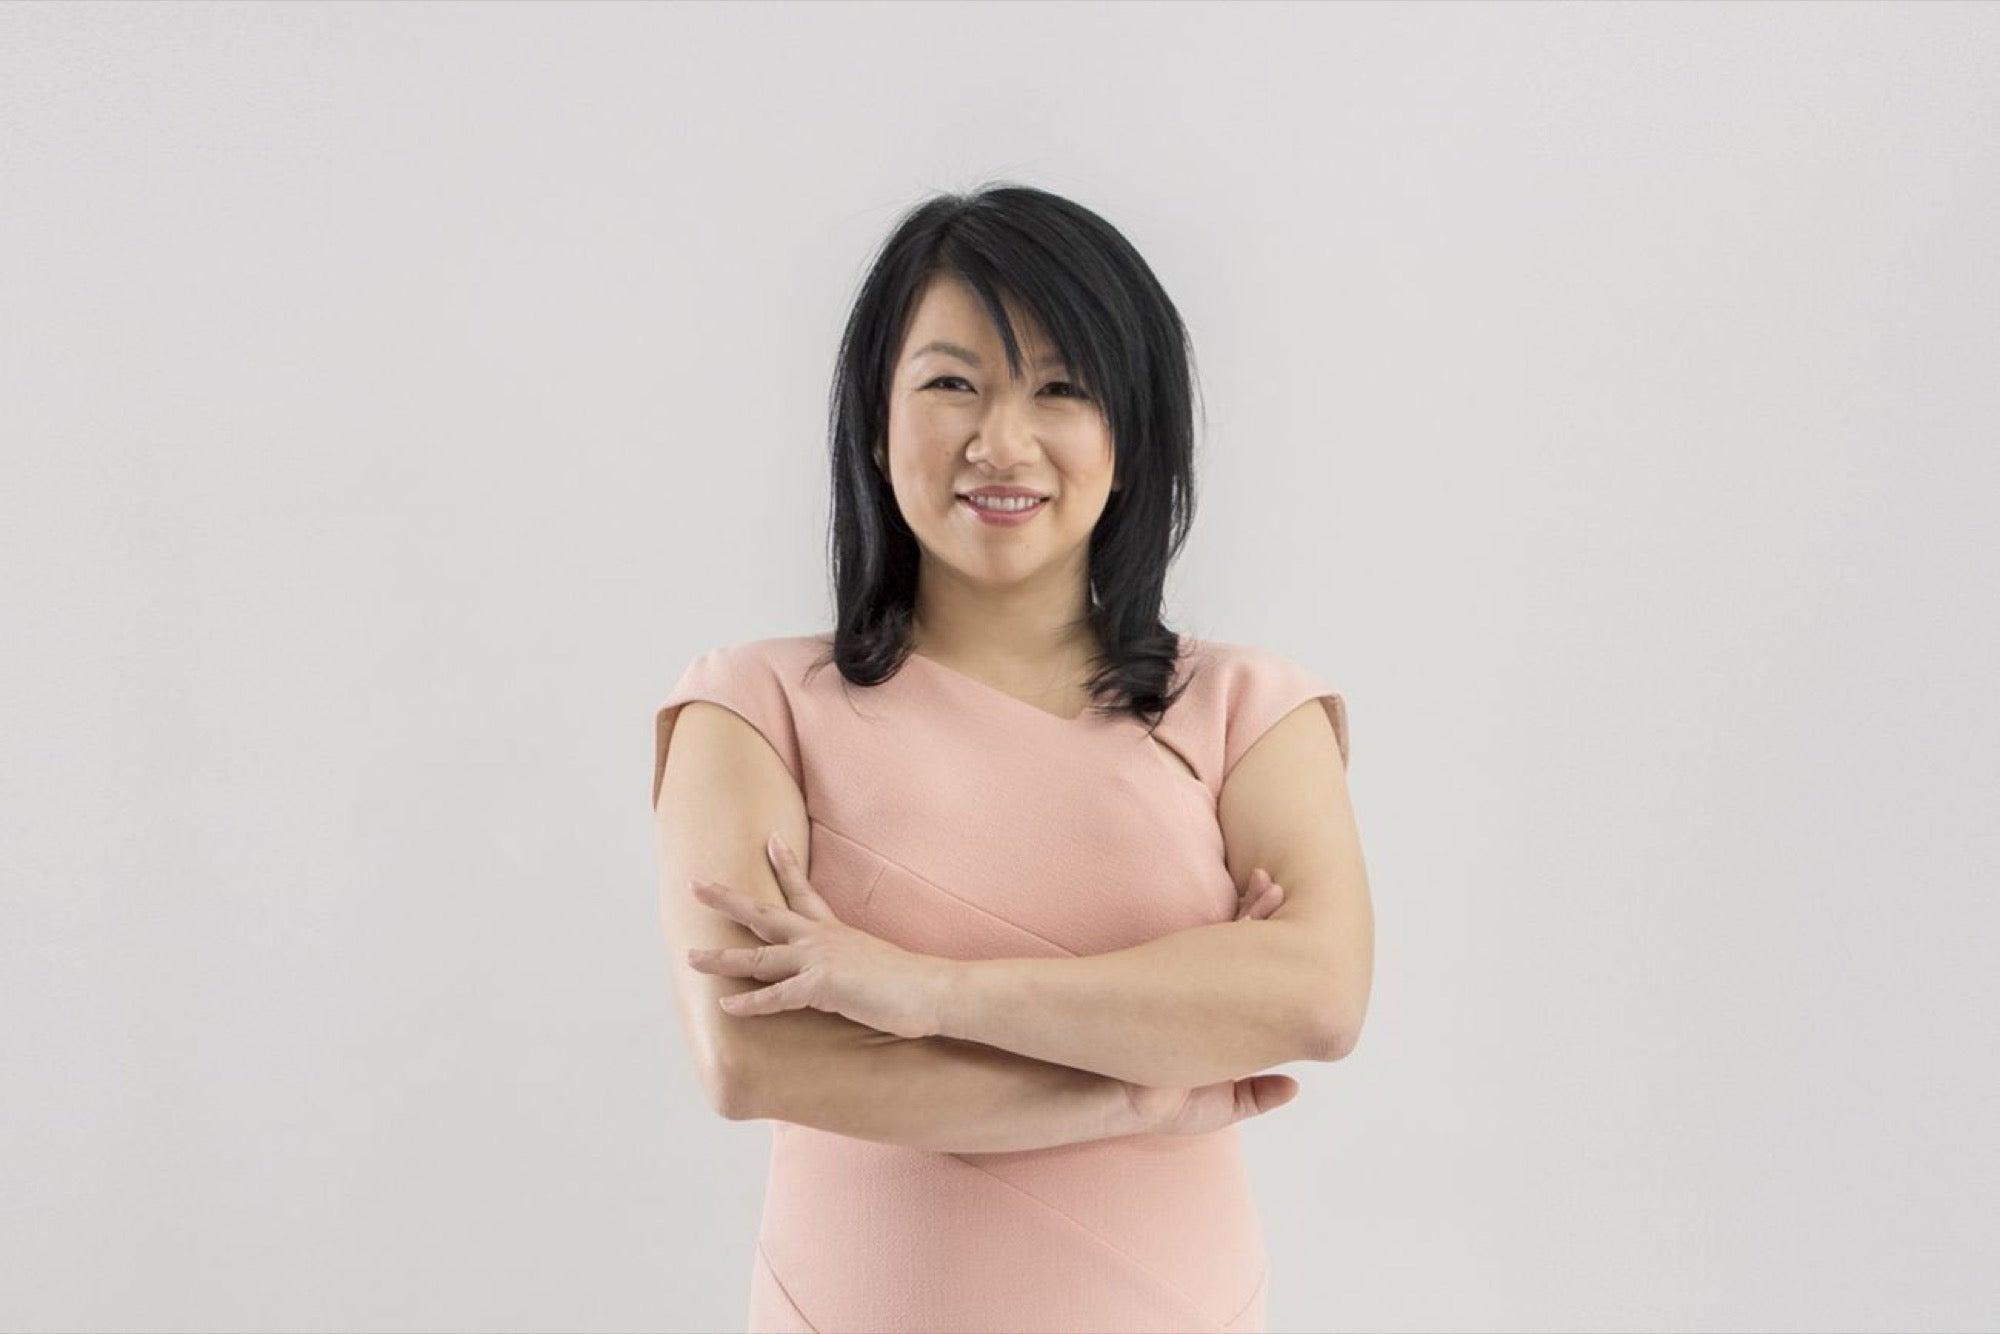 10 Badass Women CEOs We Admire